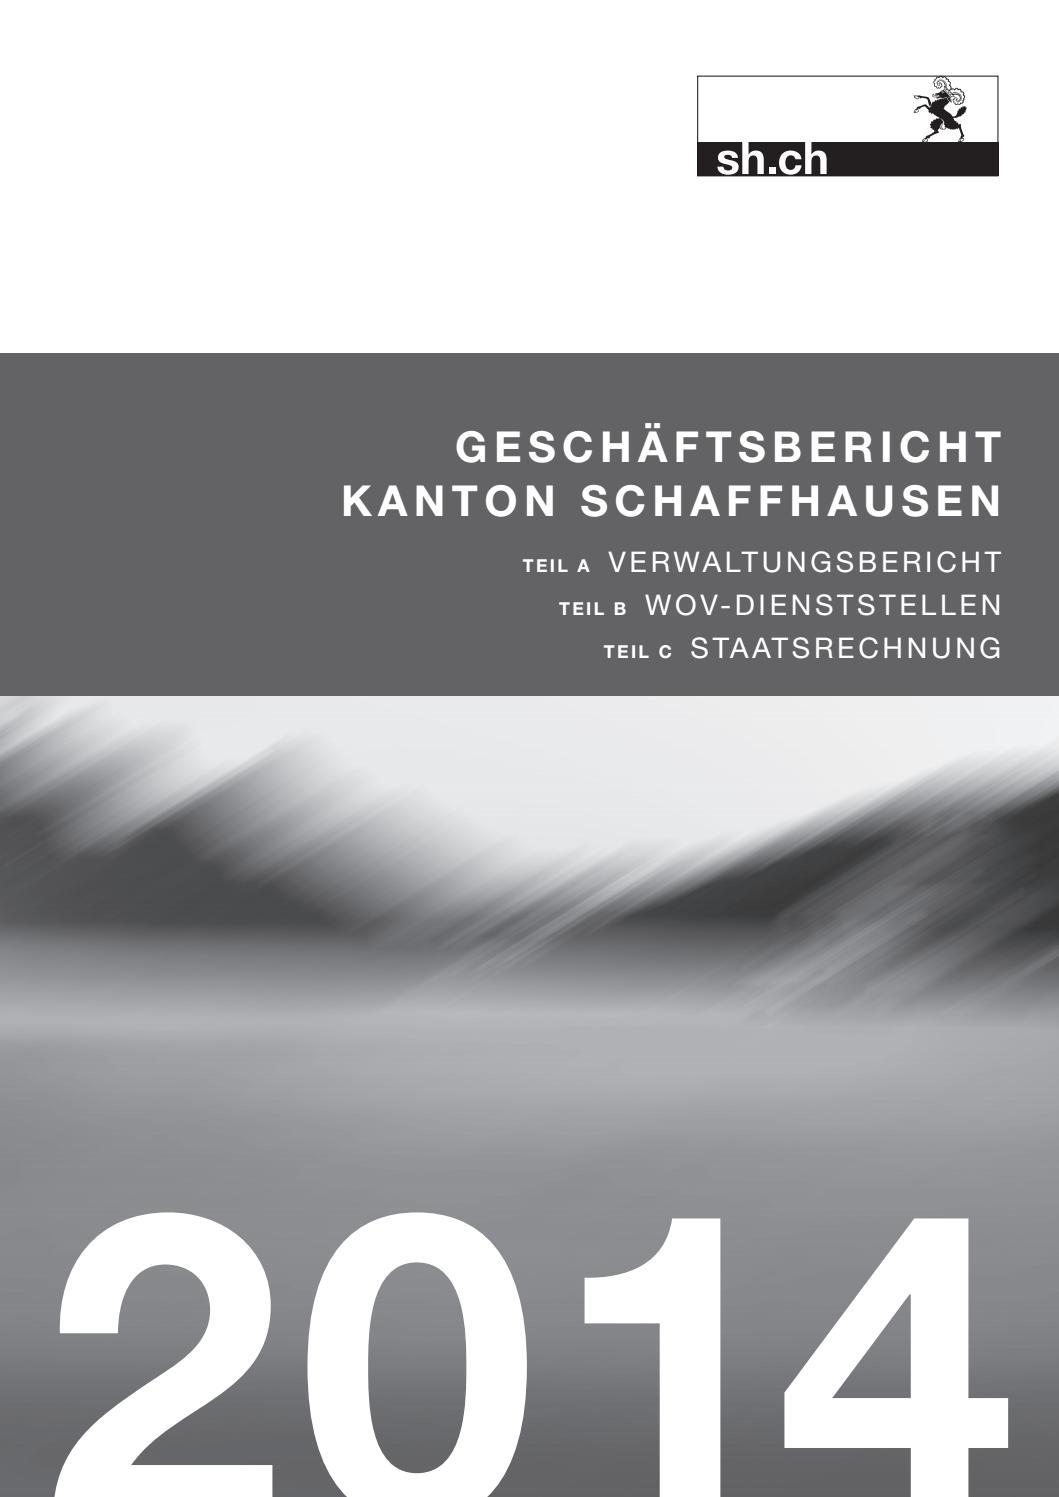 geschäftsbericht 2014 kanton schaffhausen by ksd sh issuu  die v partei%c2%b3 moechte ein zeichen setzen #14